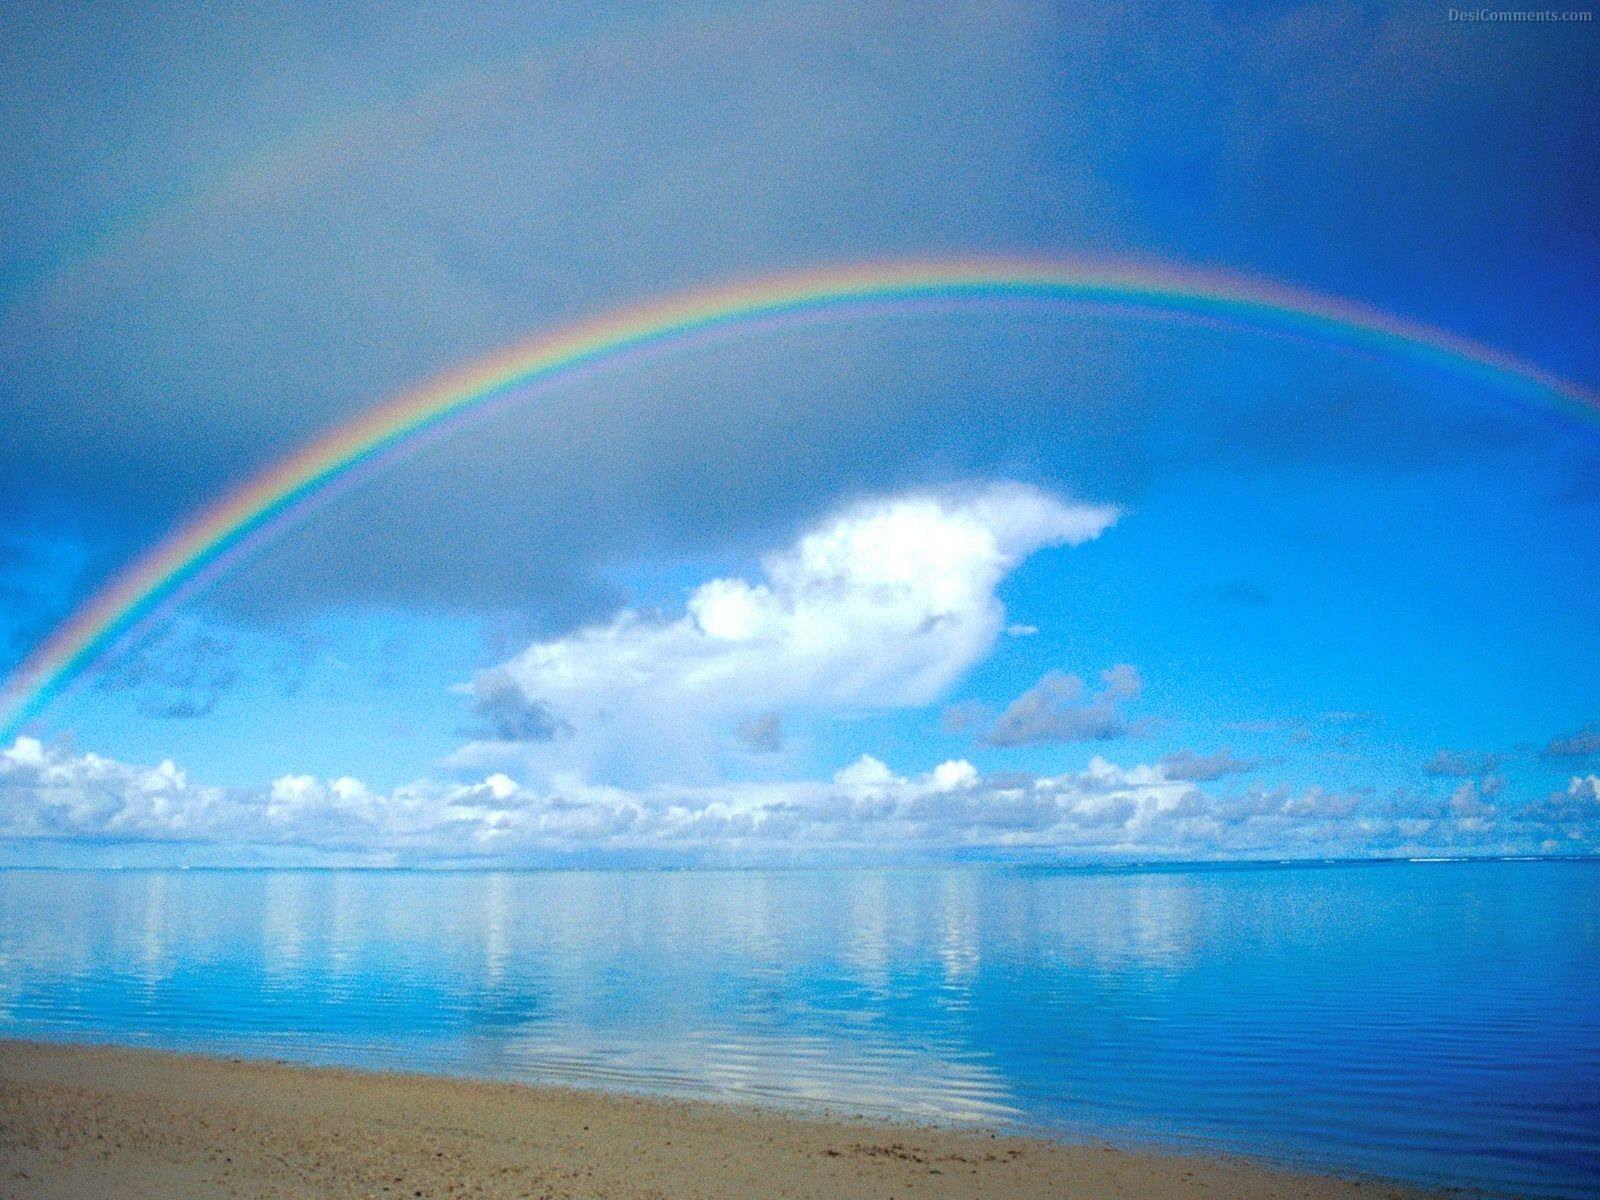 beach rainbow wallpapers sharovarka Pinterest